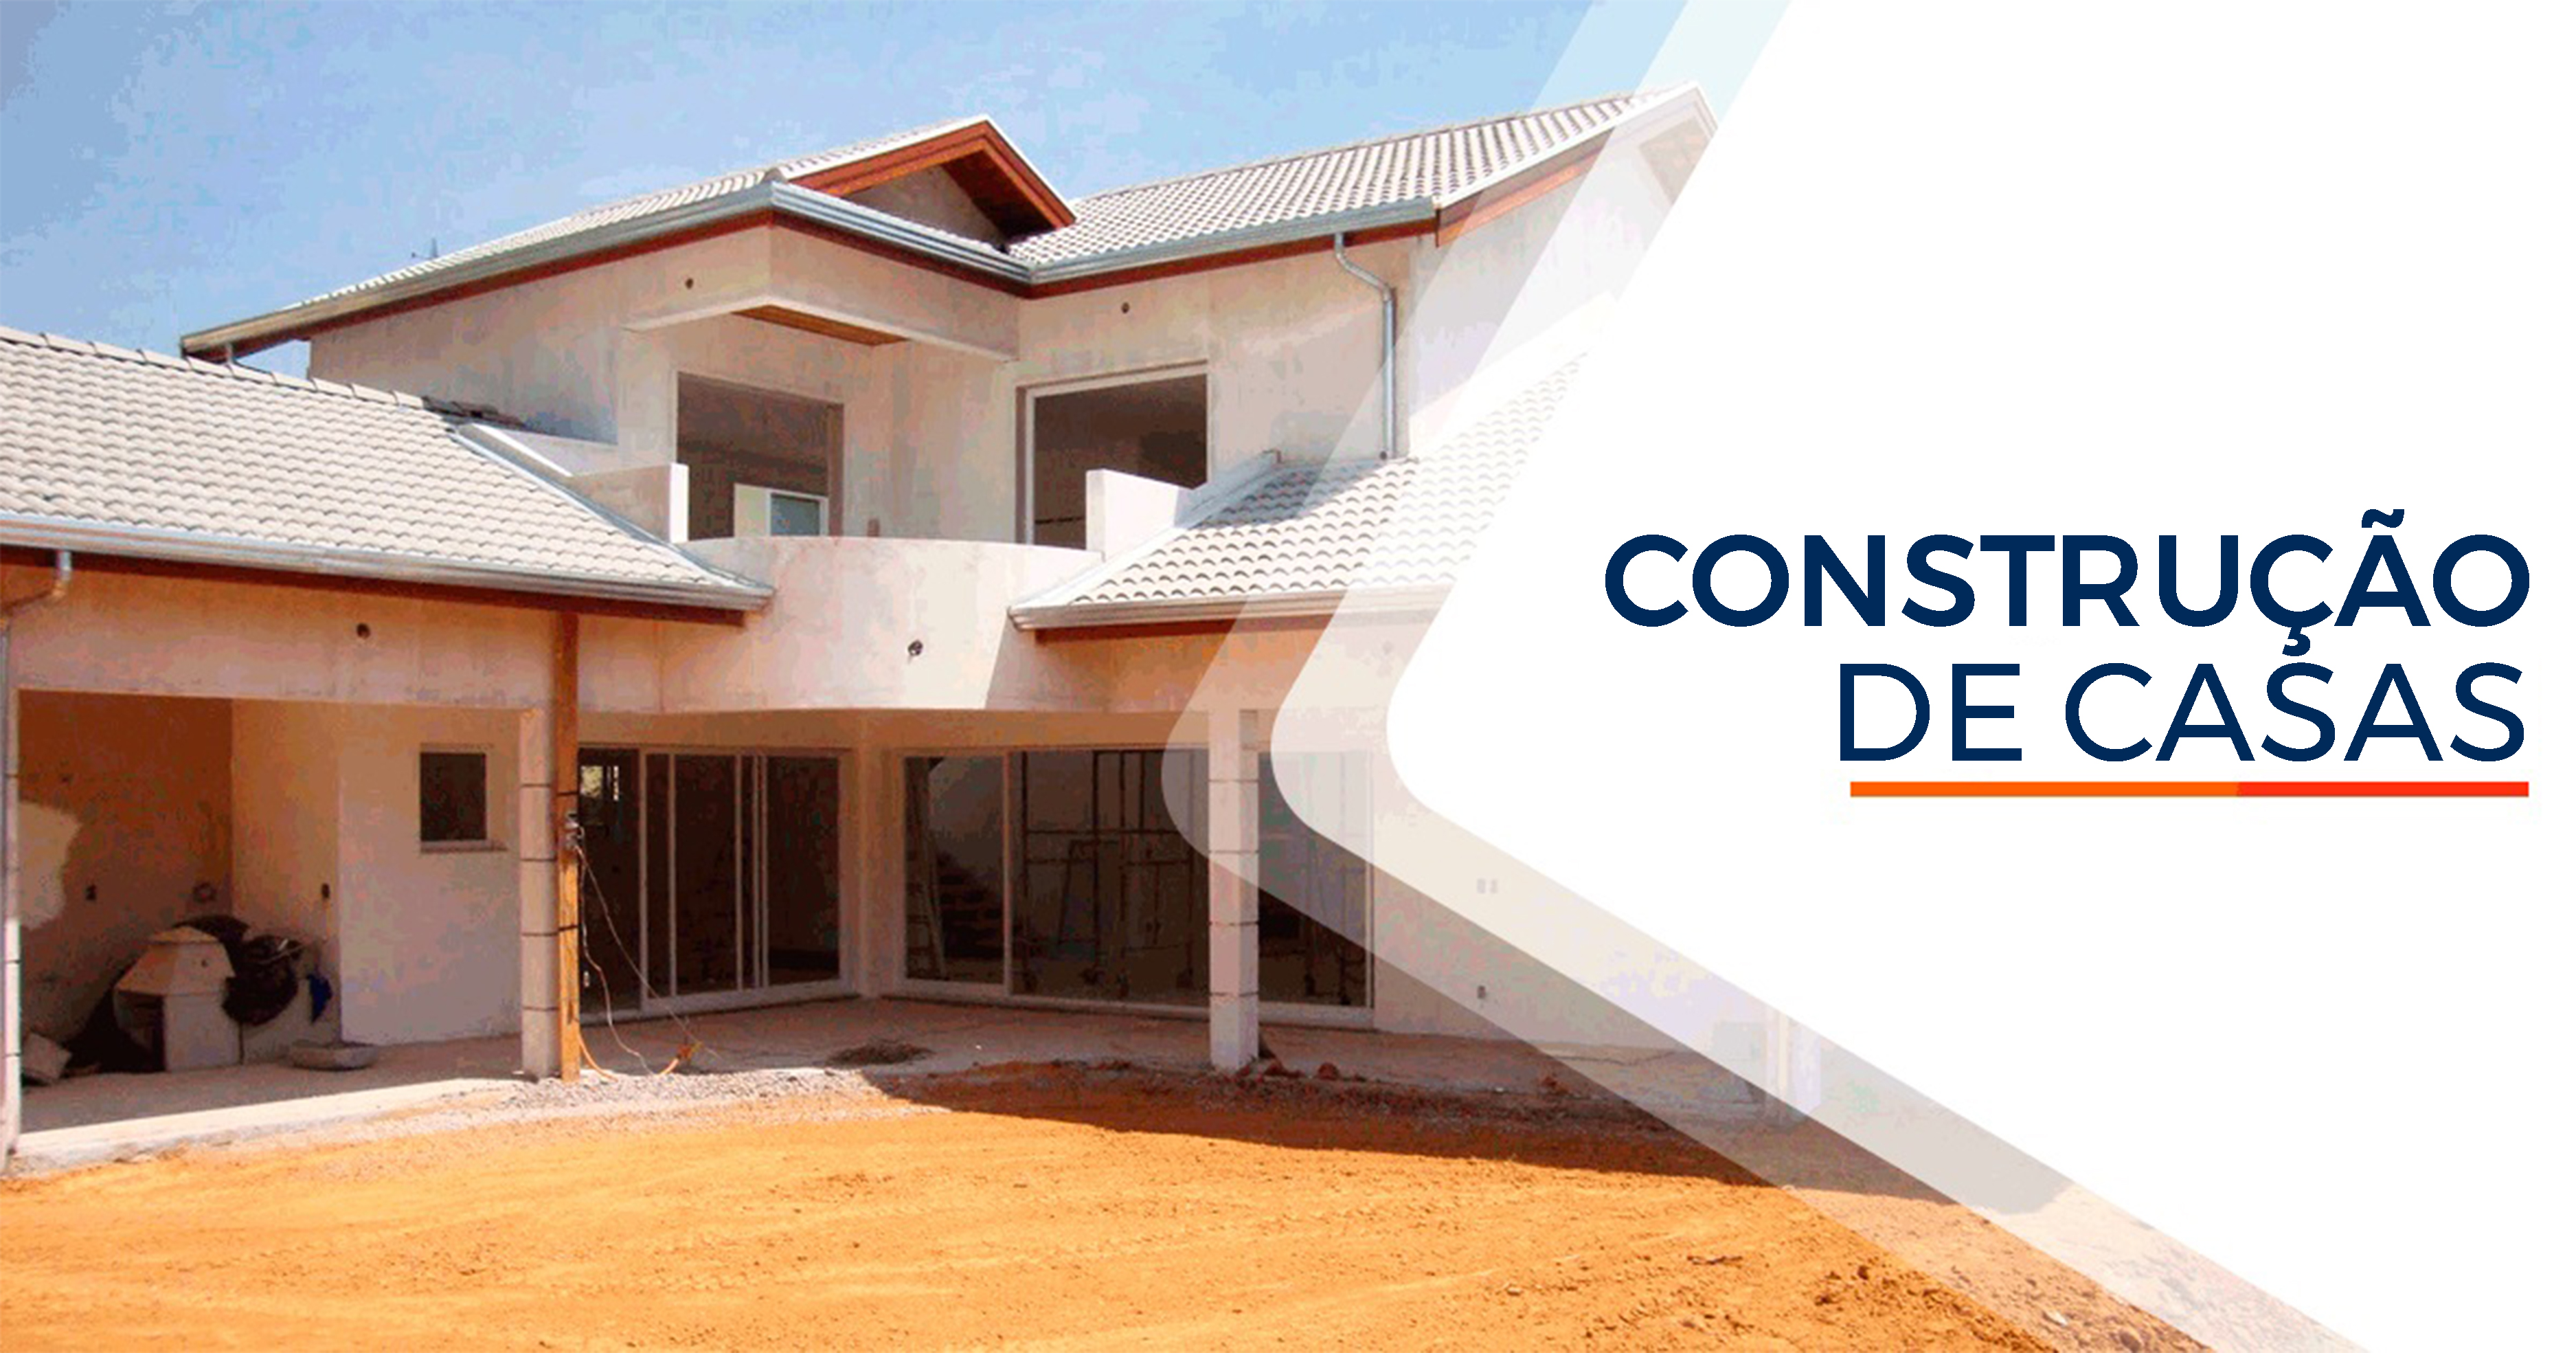 Construção de Casas Santos